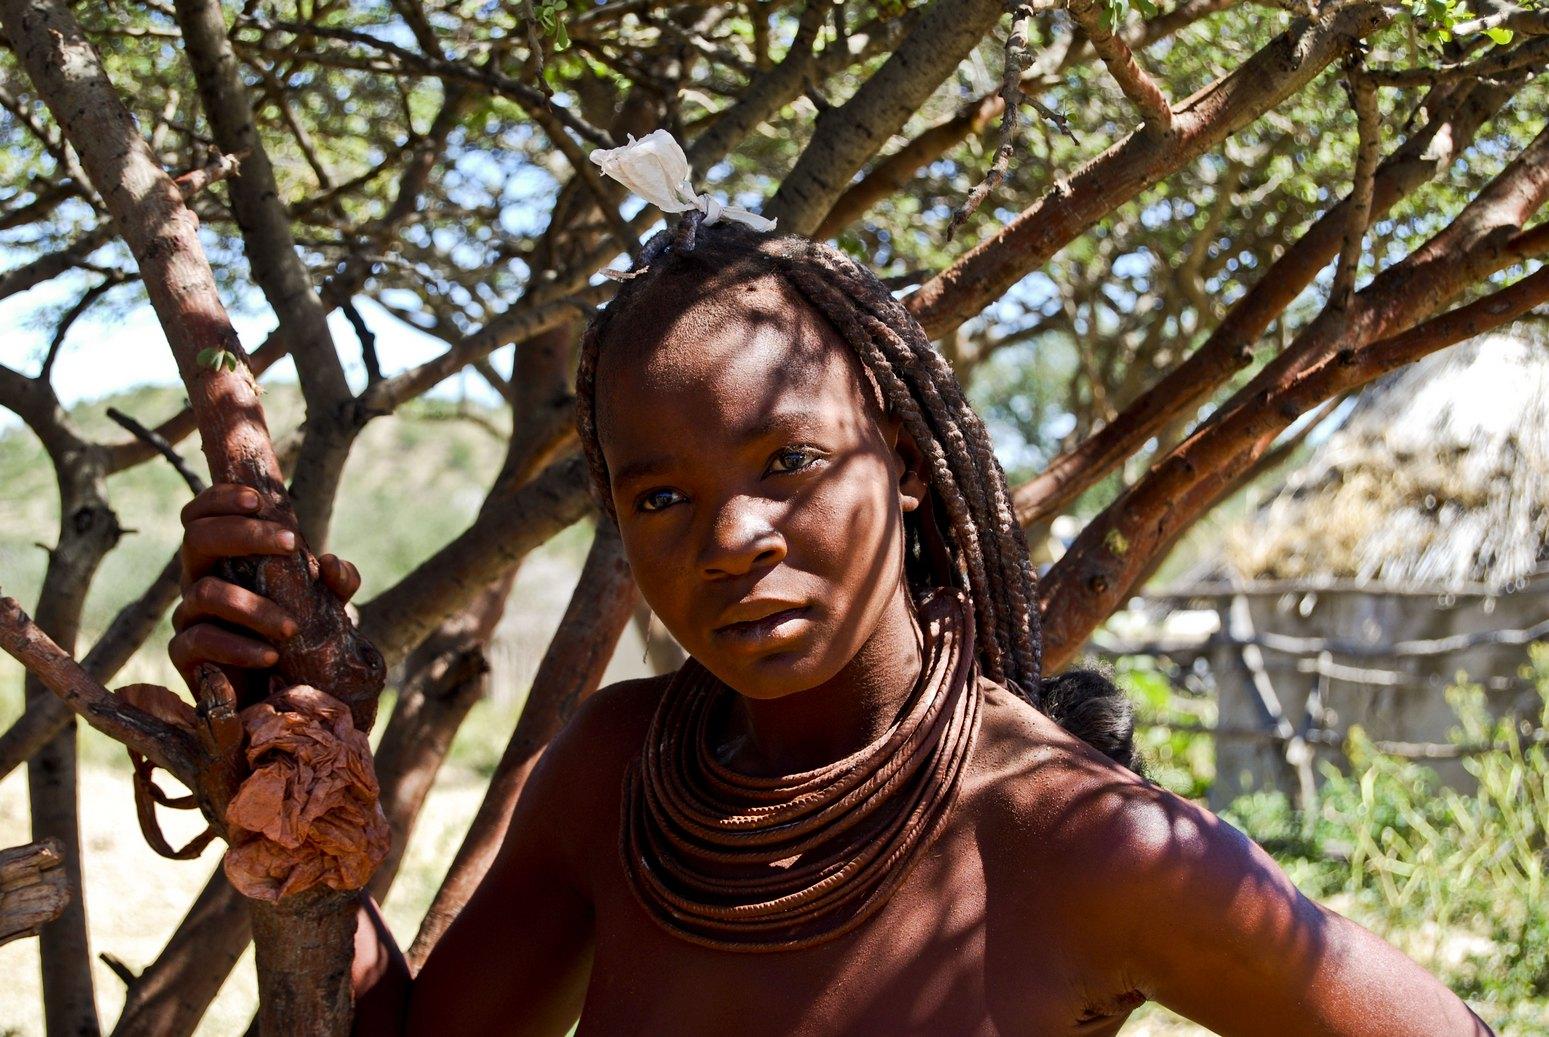 Photoshoot | African girl, Photoshoot, Girl